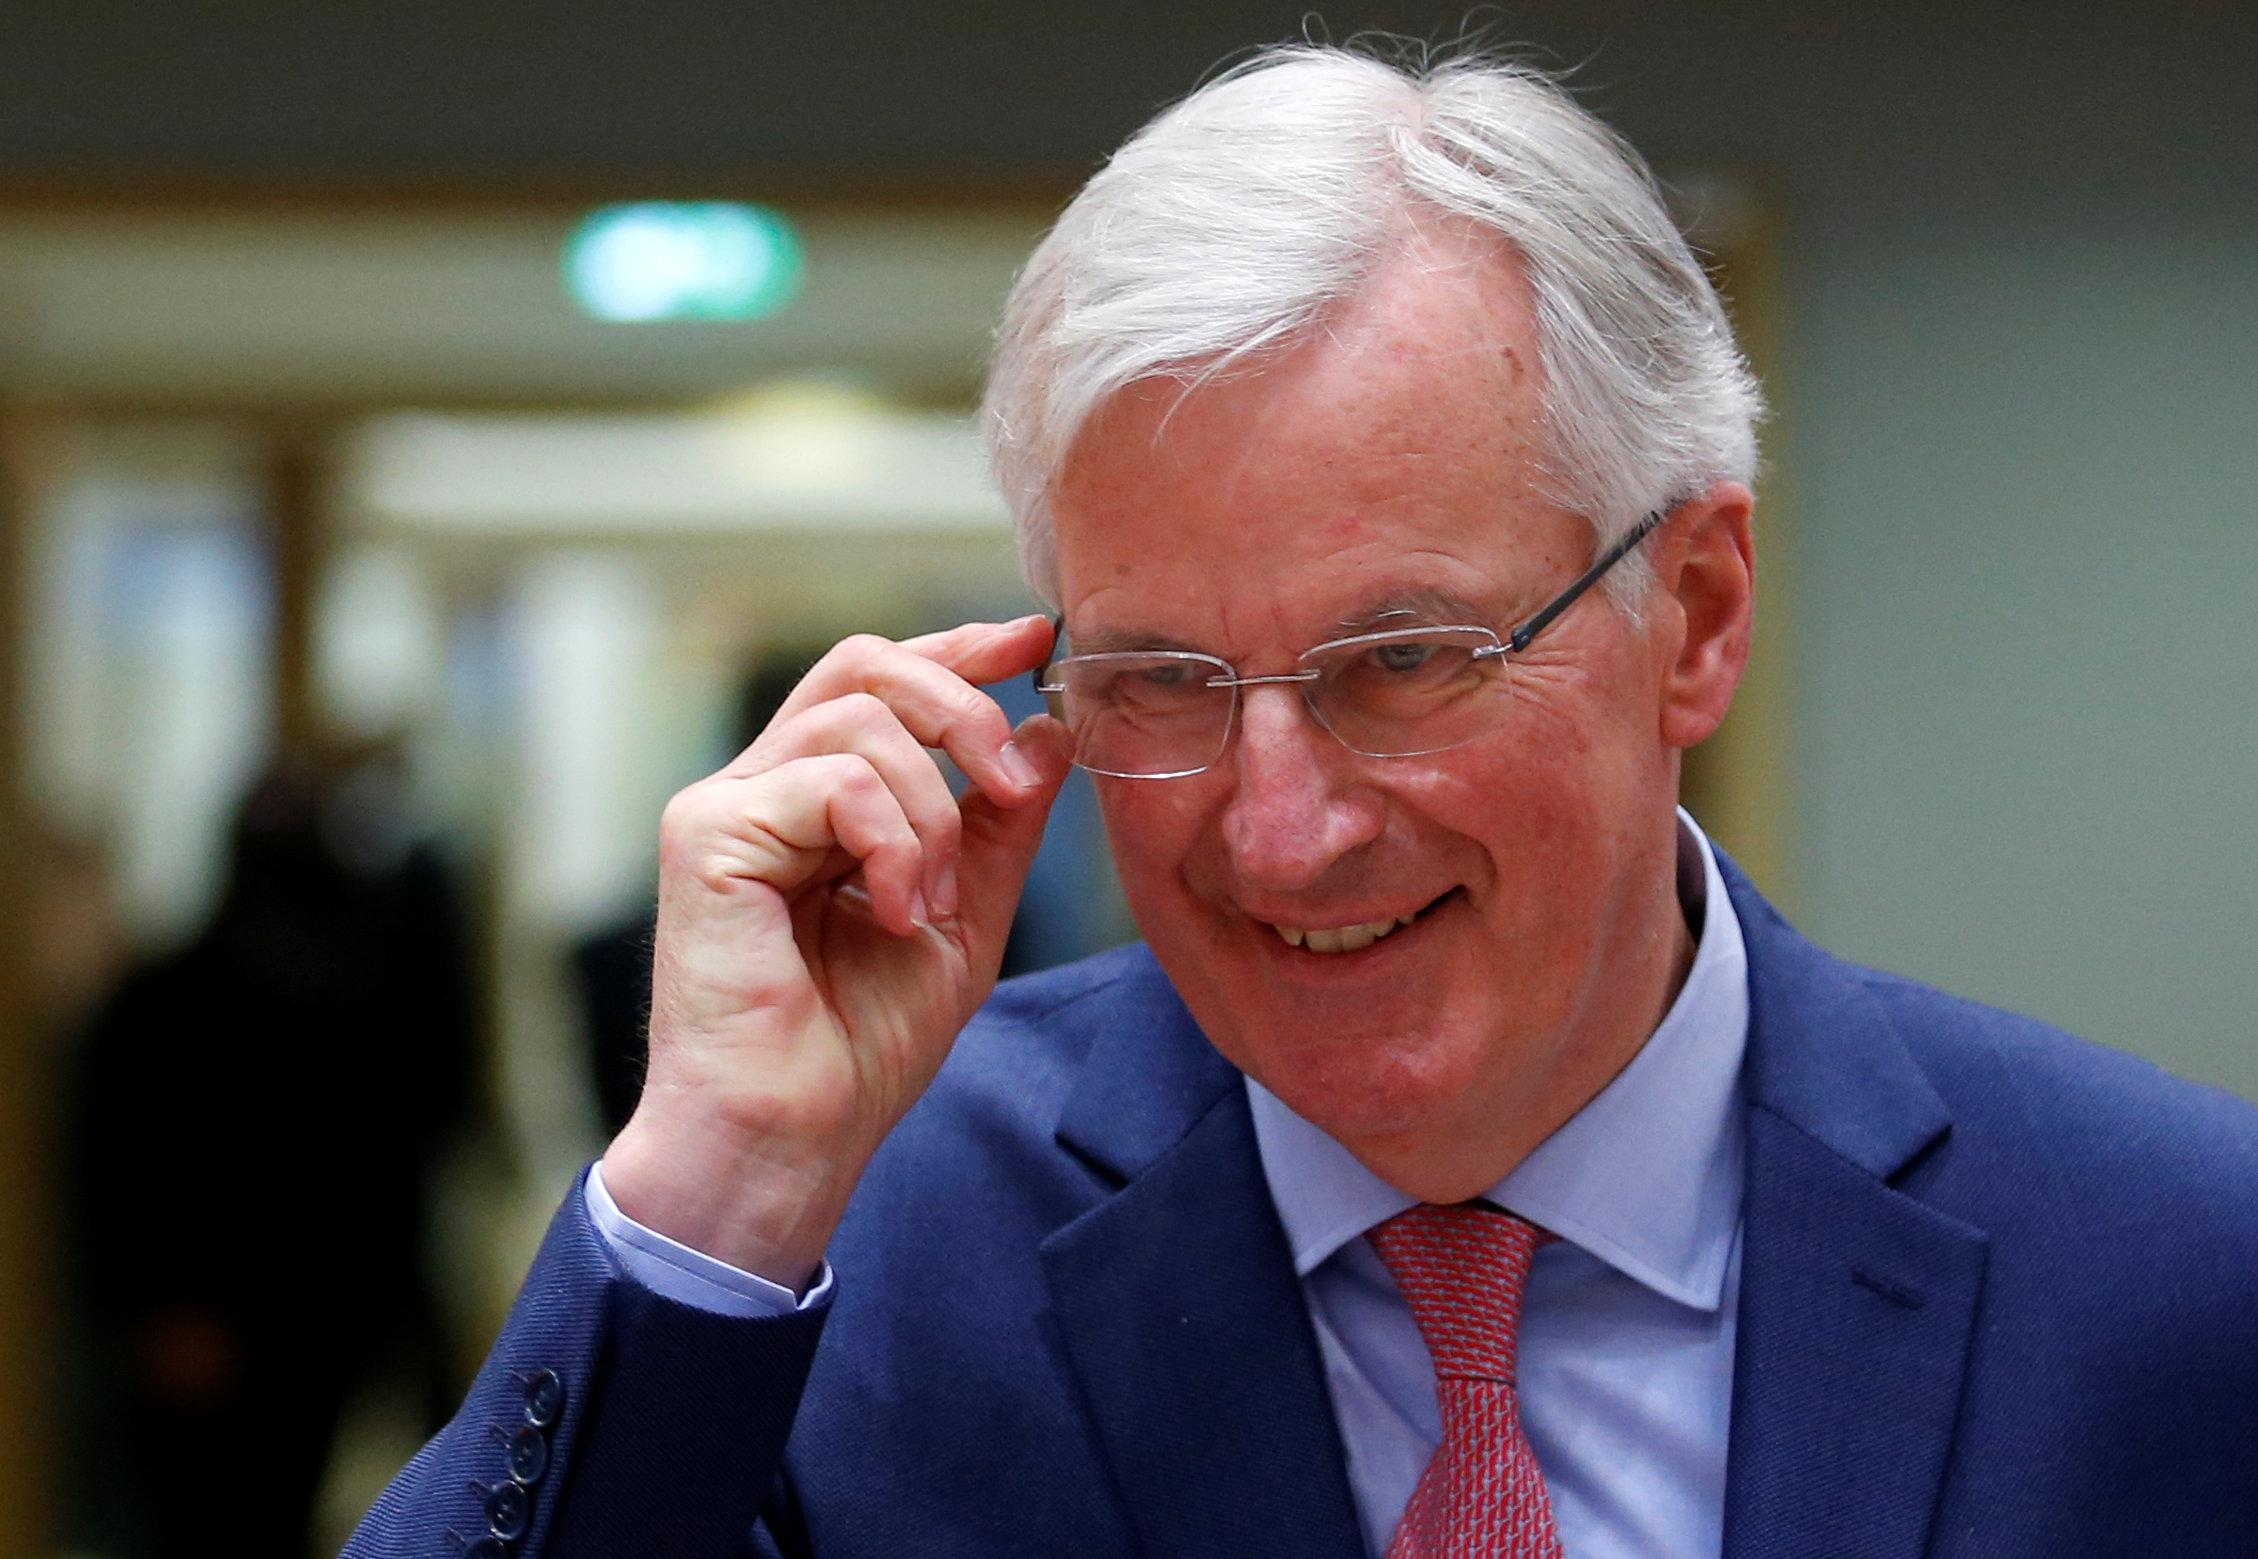 Gran Bretaña debe estar sujeta a los cambios de la UE durante la transición - Barnier de la UE